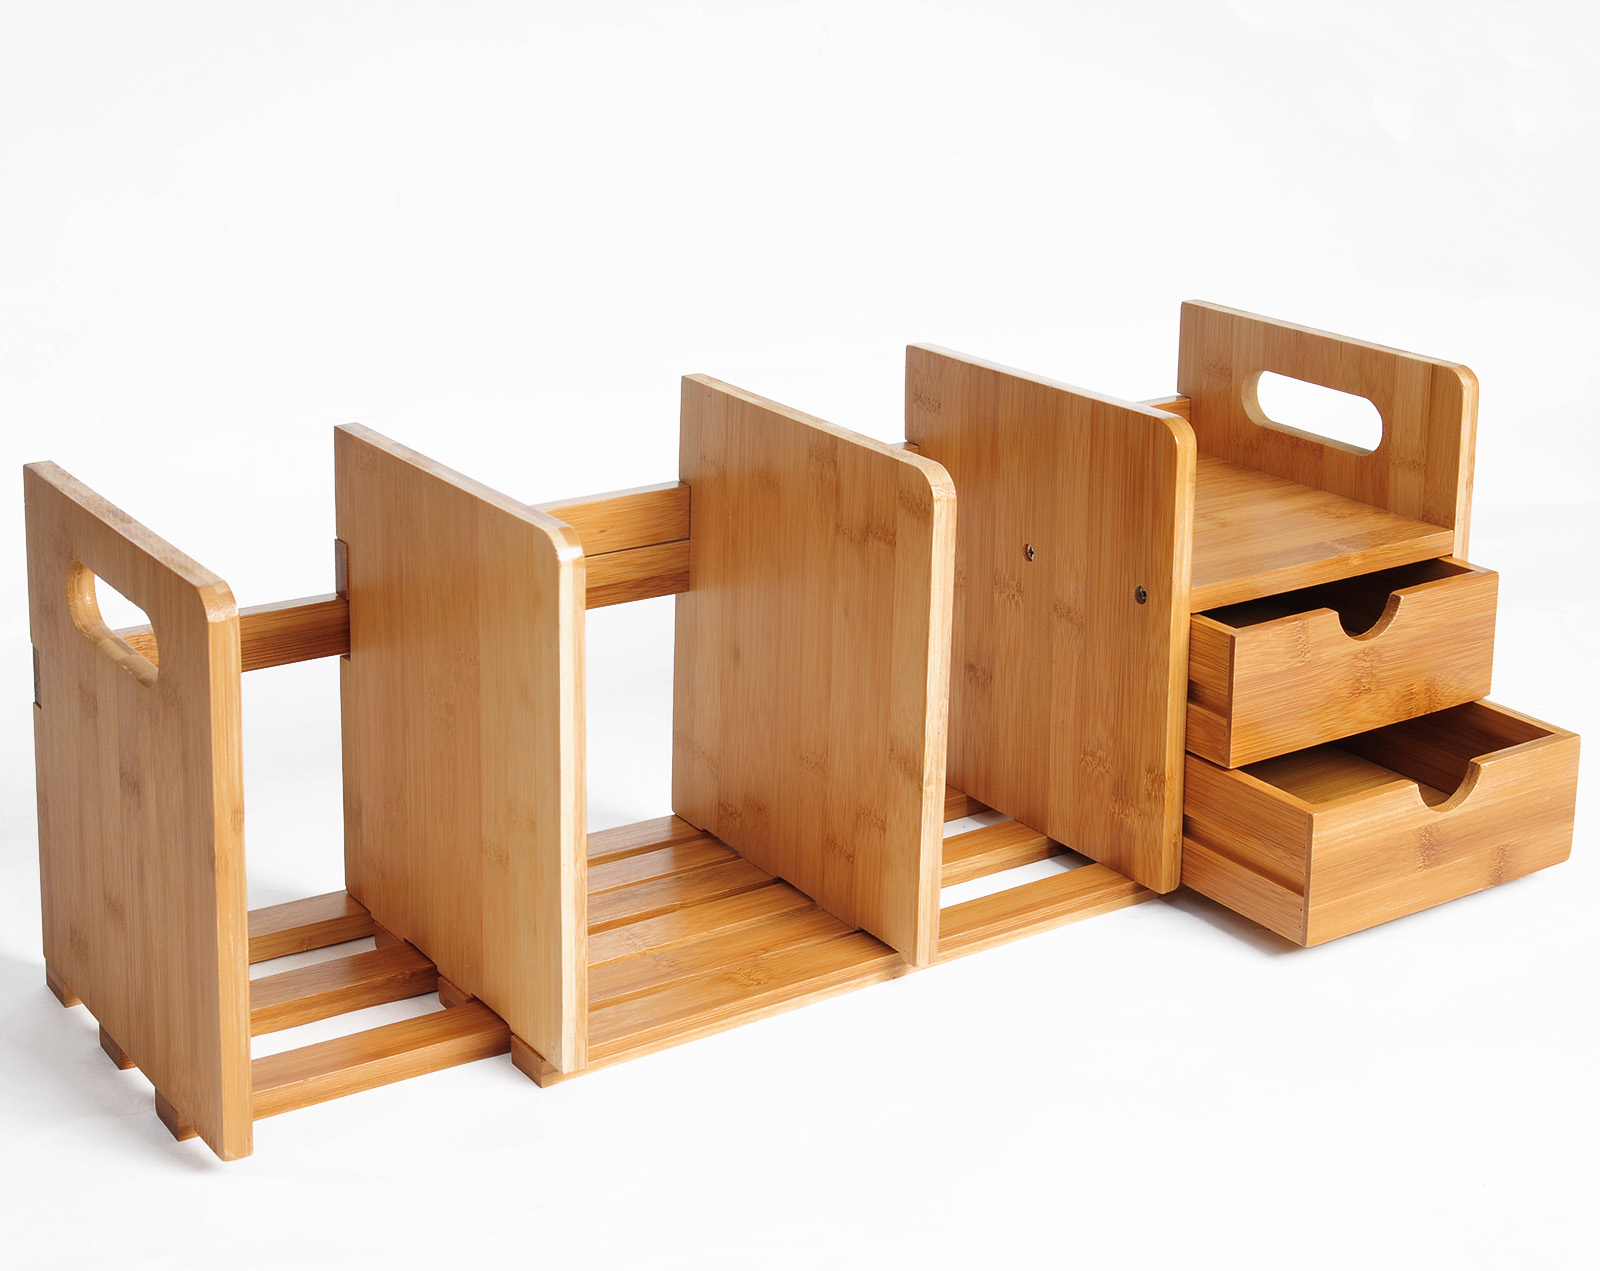 Bücherregal Tischorganizer Schreibtisch Bambus mit 2 Schubladen RG9258br